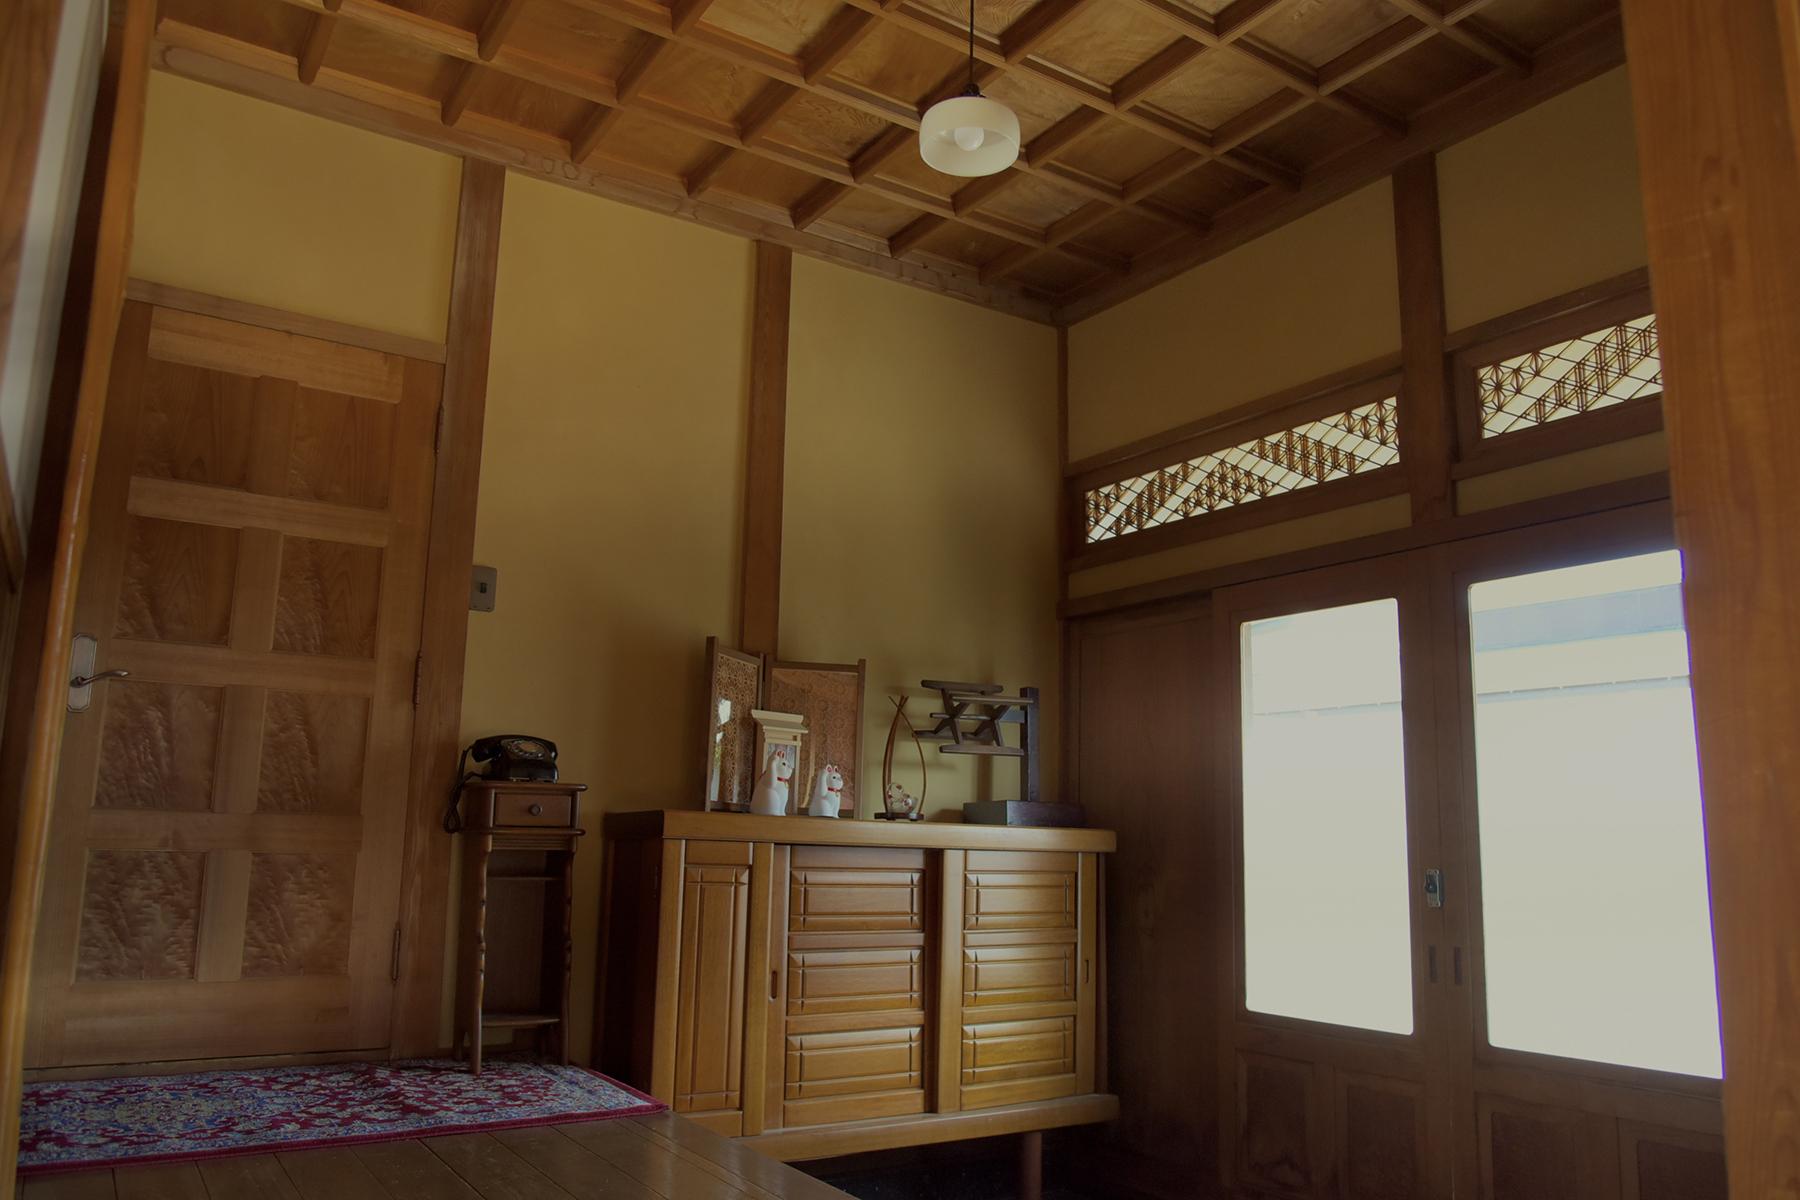 佐倉スタジオ (サクラ スタジオ)門外から外観